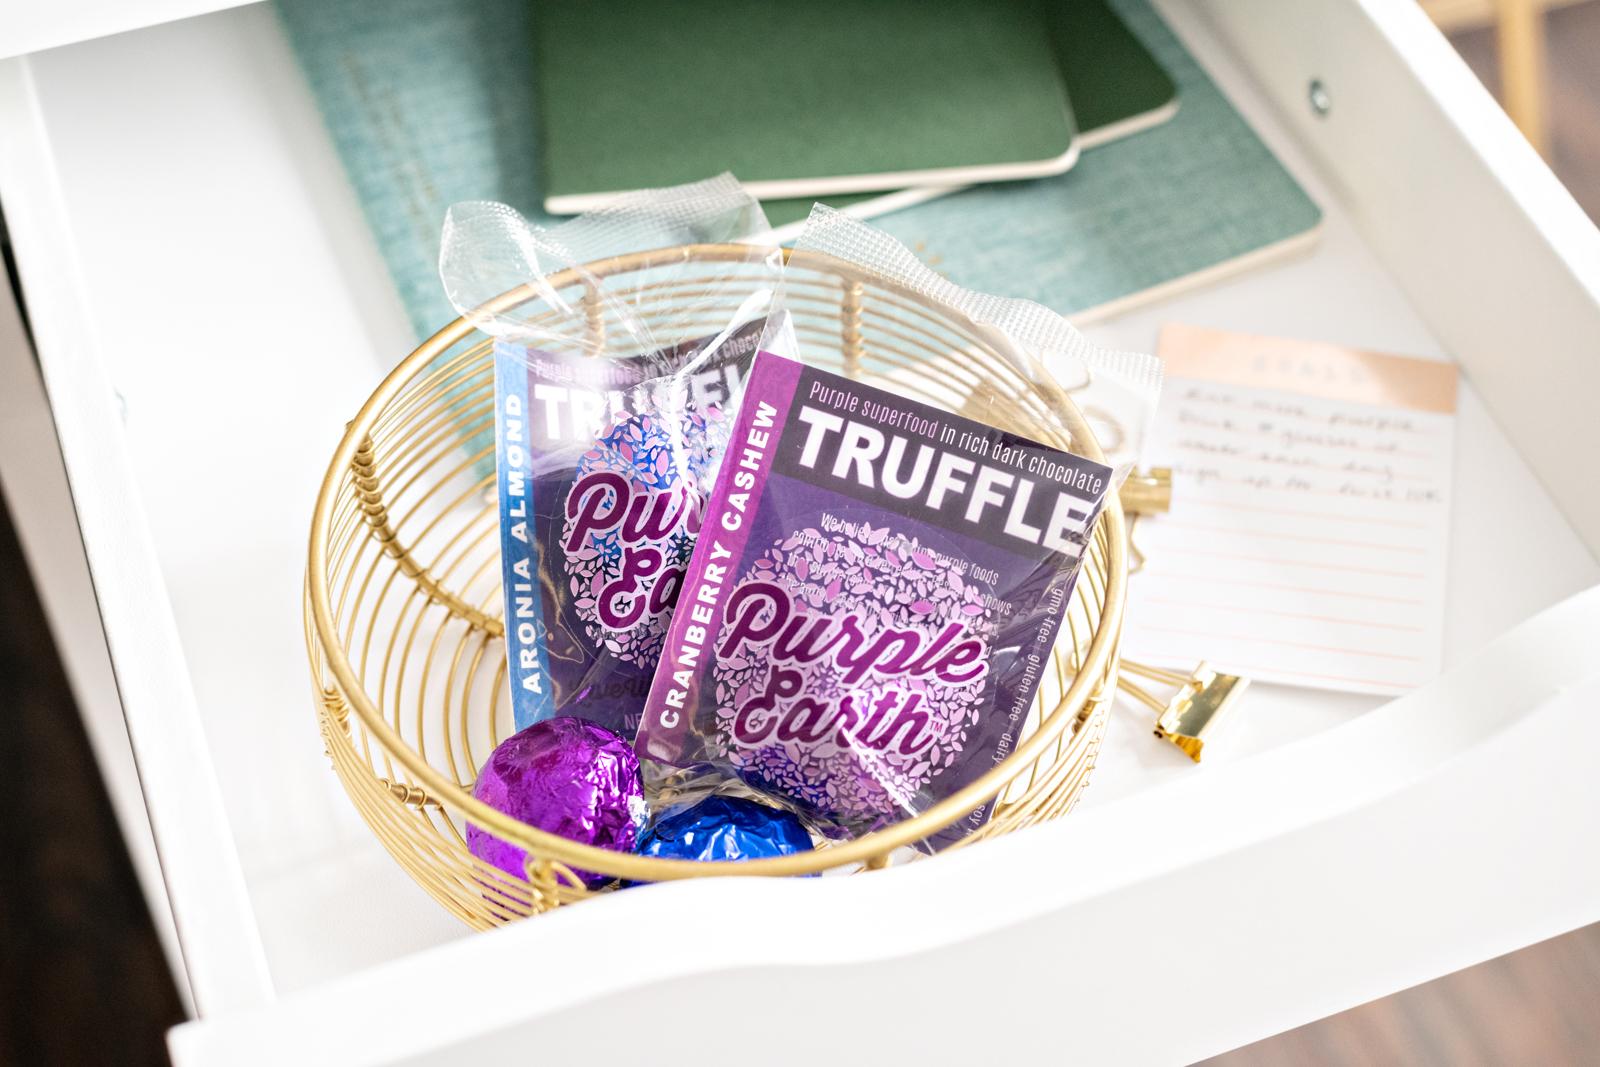 Truffle Shoot0749w.jpg